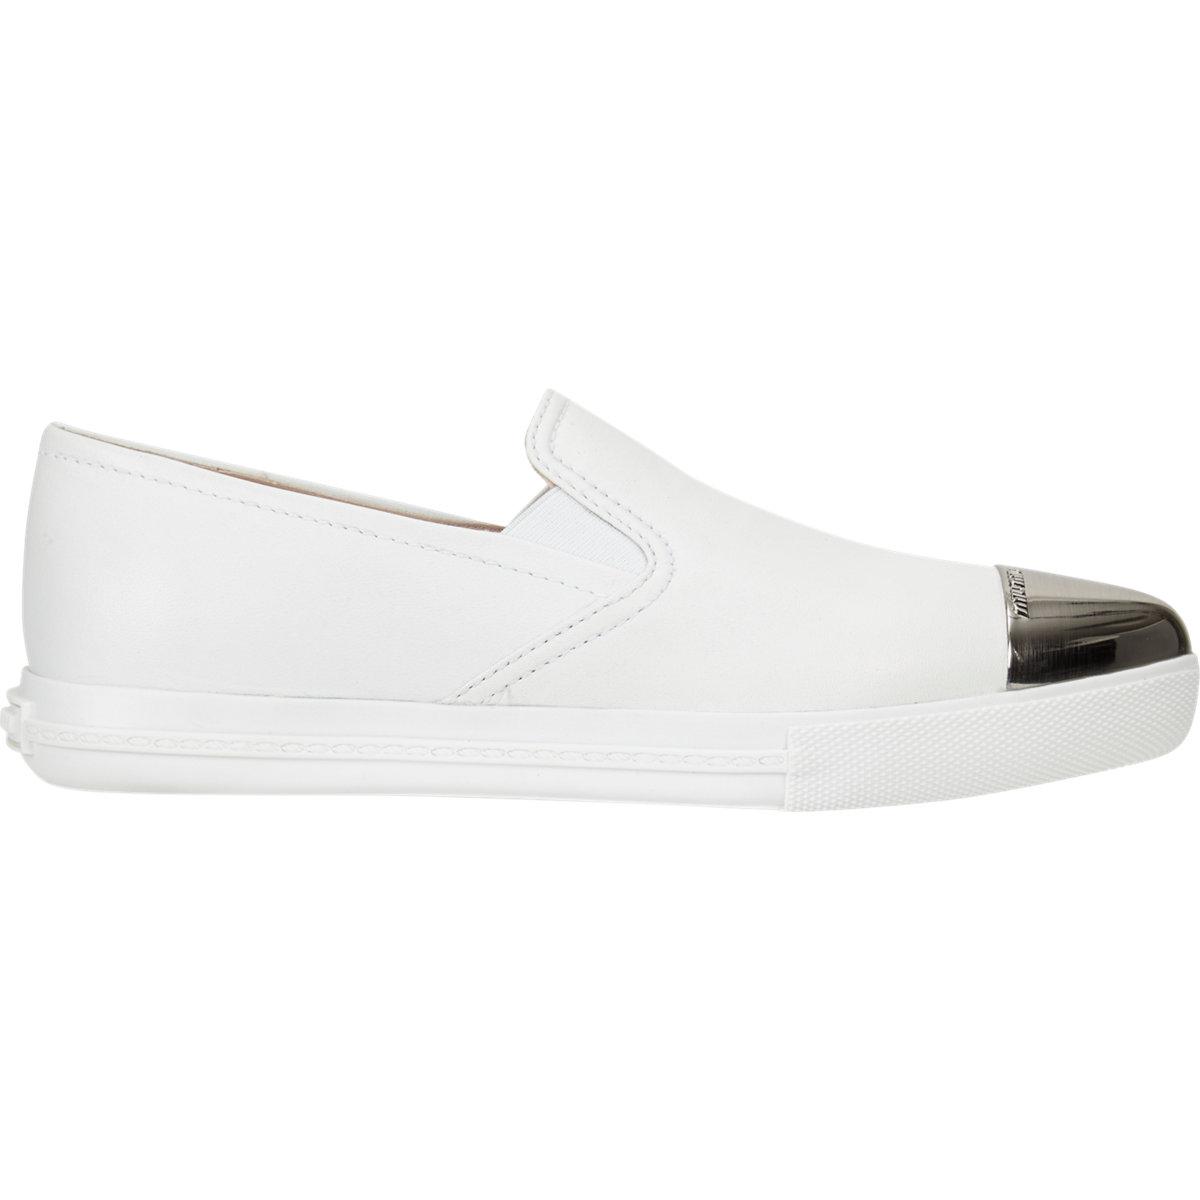 Miu Miu Metal Captoe Slip-on Sneakers at Barneys.com